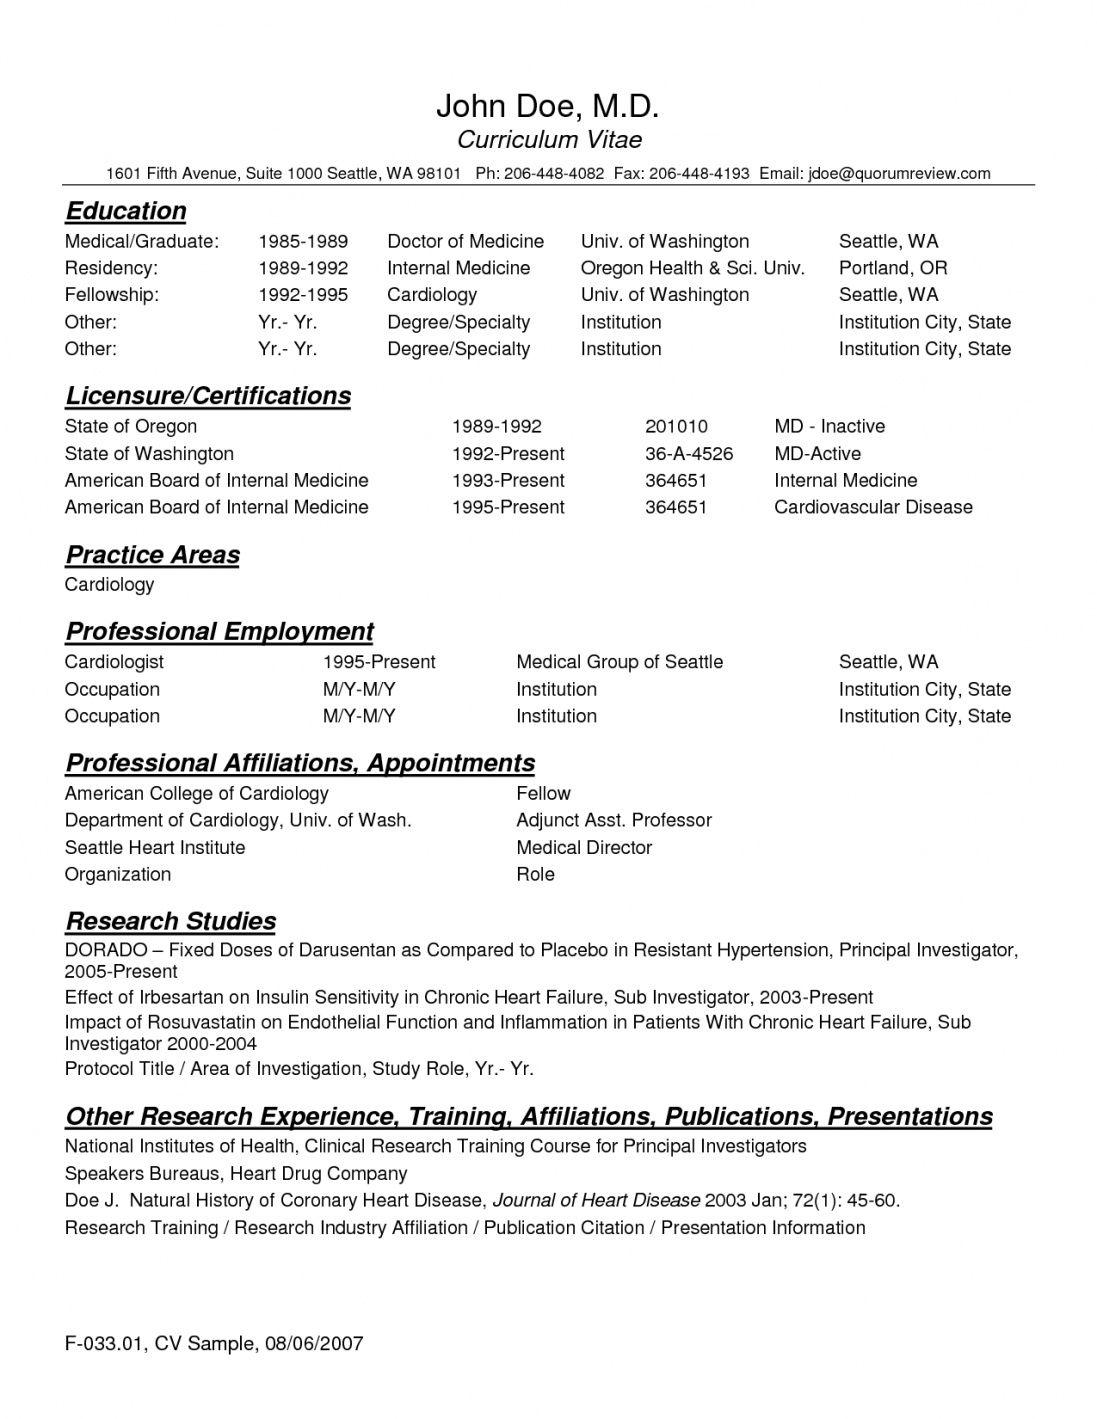 Cv Template For Residency Cvtemplate Residency Template